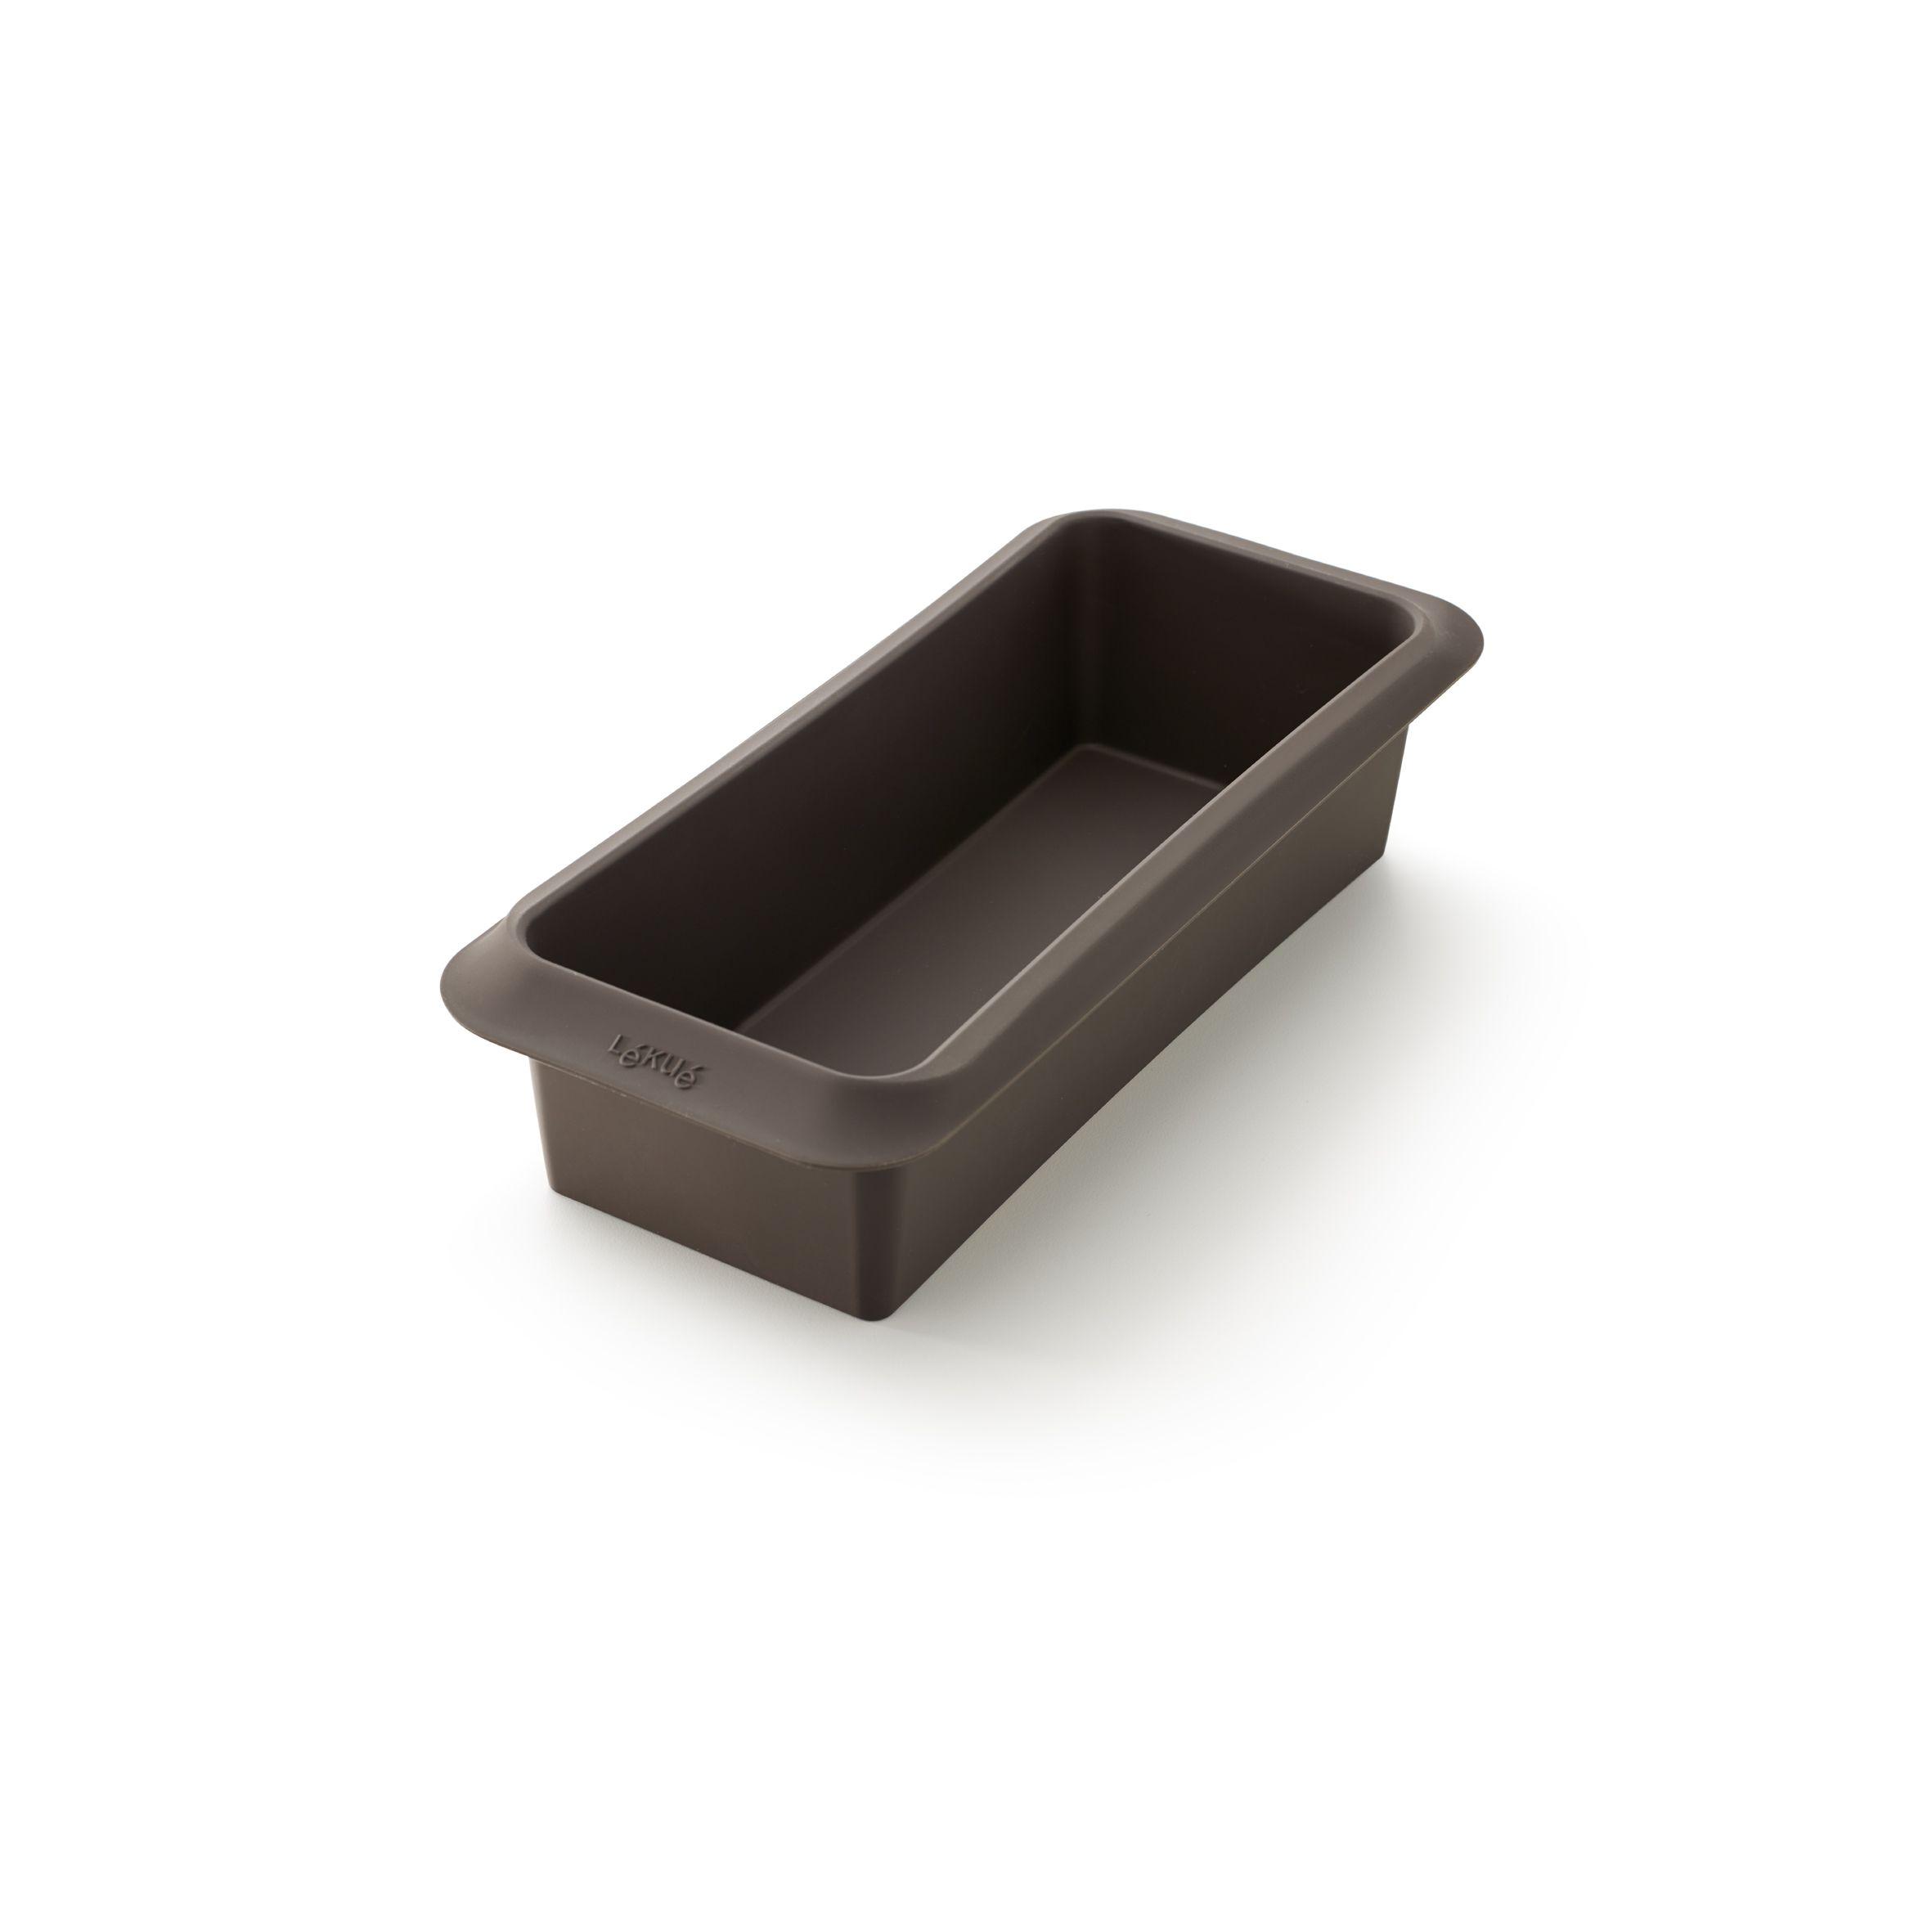 Форма для выпечки хлеба-буханкиФорма для выпечки хлеба-буханки Лекуэ – предмет, который непременно должен быть в коллекции посуды любой хозяйки. Изделие компании Lekue выполнено из материала высокого качества, созданного по особой технологии. Оно отличается максимальной прочностью, износостойкостью, устойчивостью к высоким температурам. Прелесть силиконовой формы для выпечки хлеба или кексов в том, что приготовленную буханку очень просто извлечь. Кроме того, саму форму удобно использовать при подъеме теста и его замешивании. Купите форму для выпечки хлеба-буханки, и вы сможете оптимизировать свою работу на кухне и получить изделия высокого качества.<br>